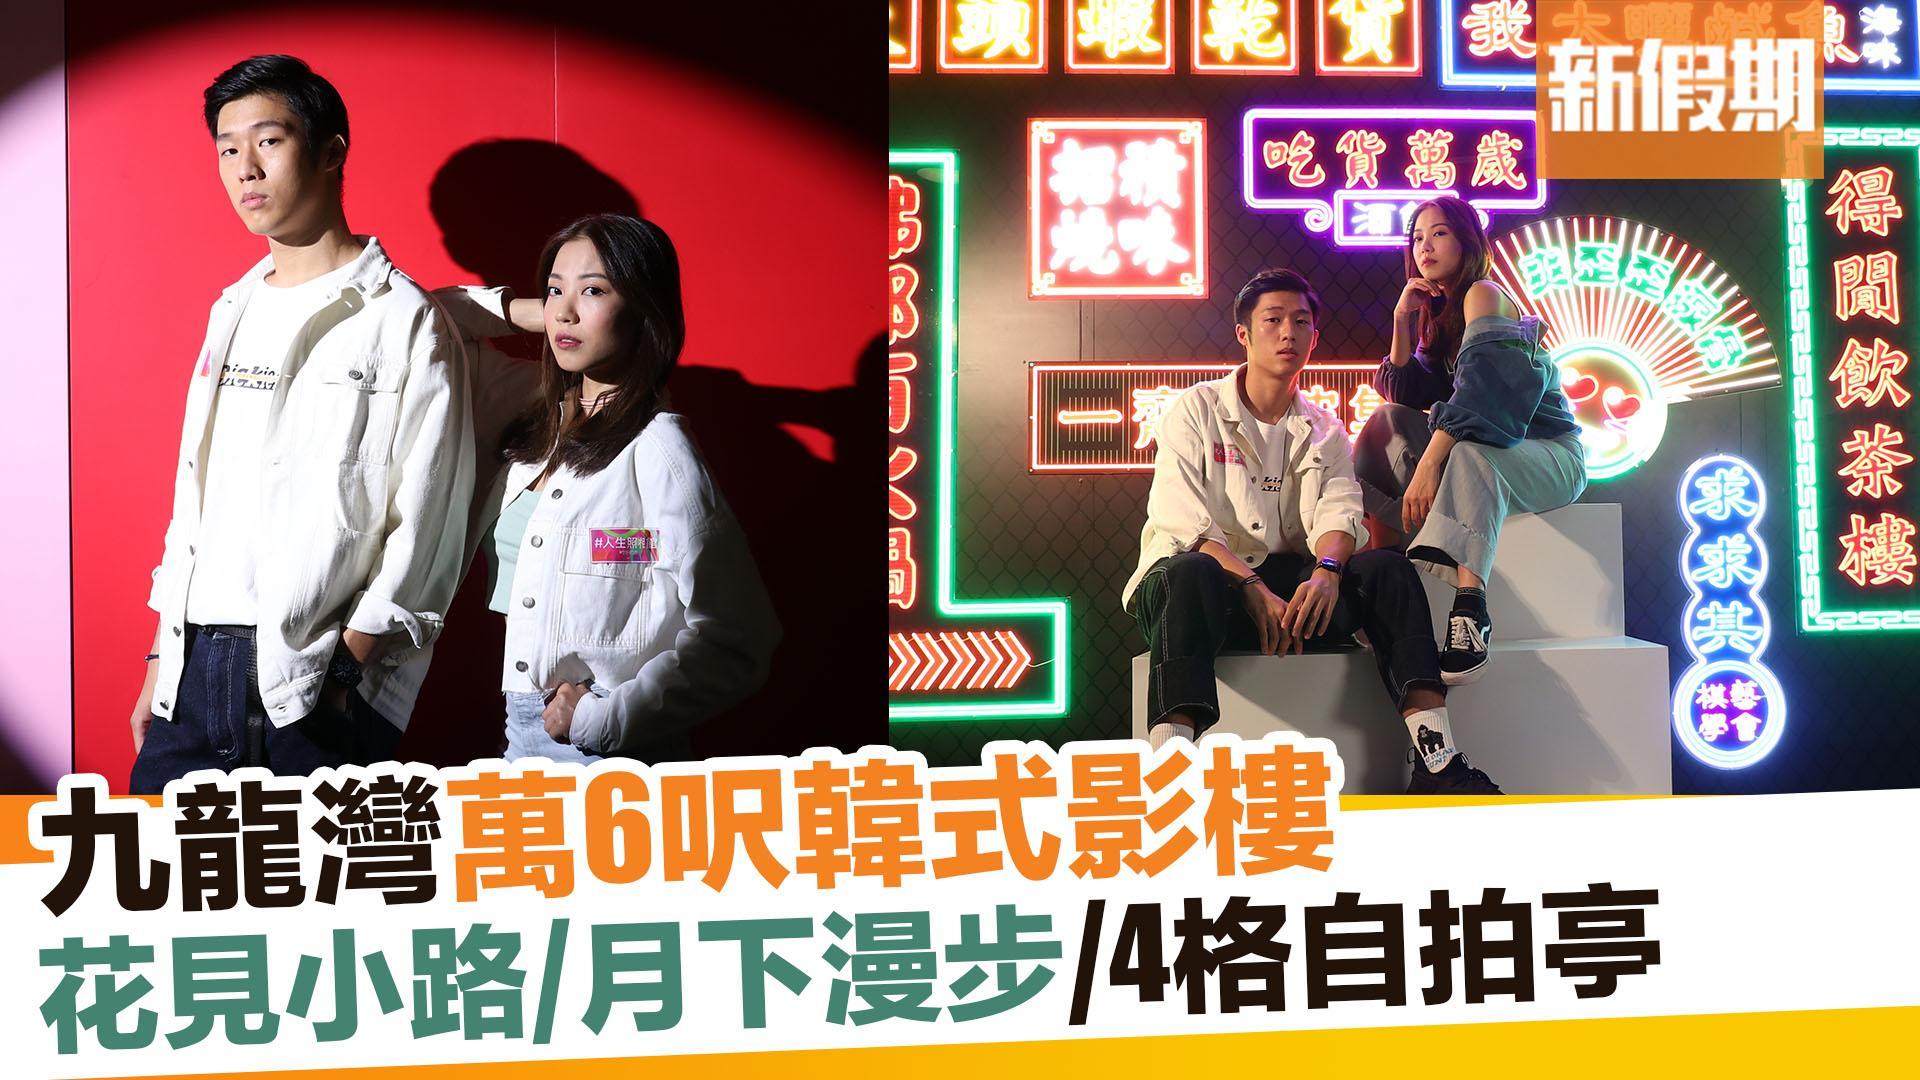 【香港好去處】九龍灣韓國人生照相館展覽開幕 新假期